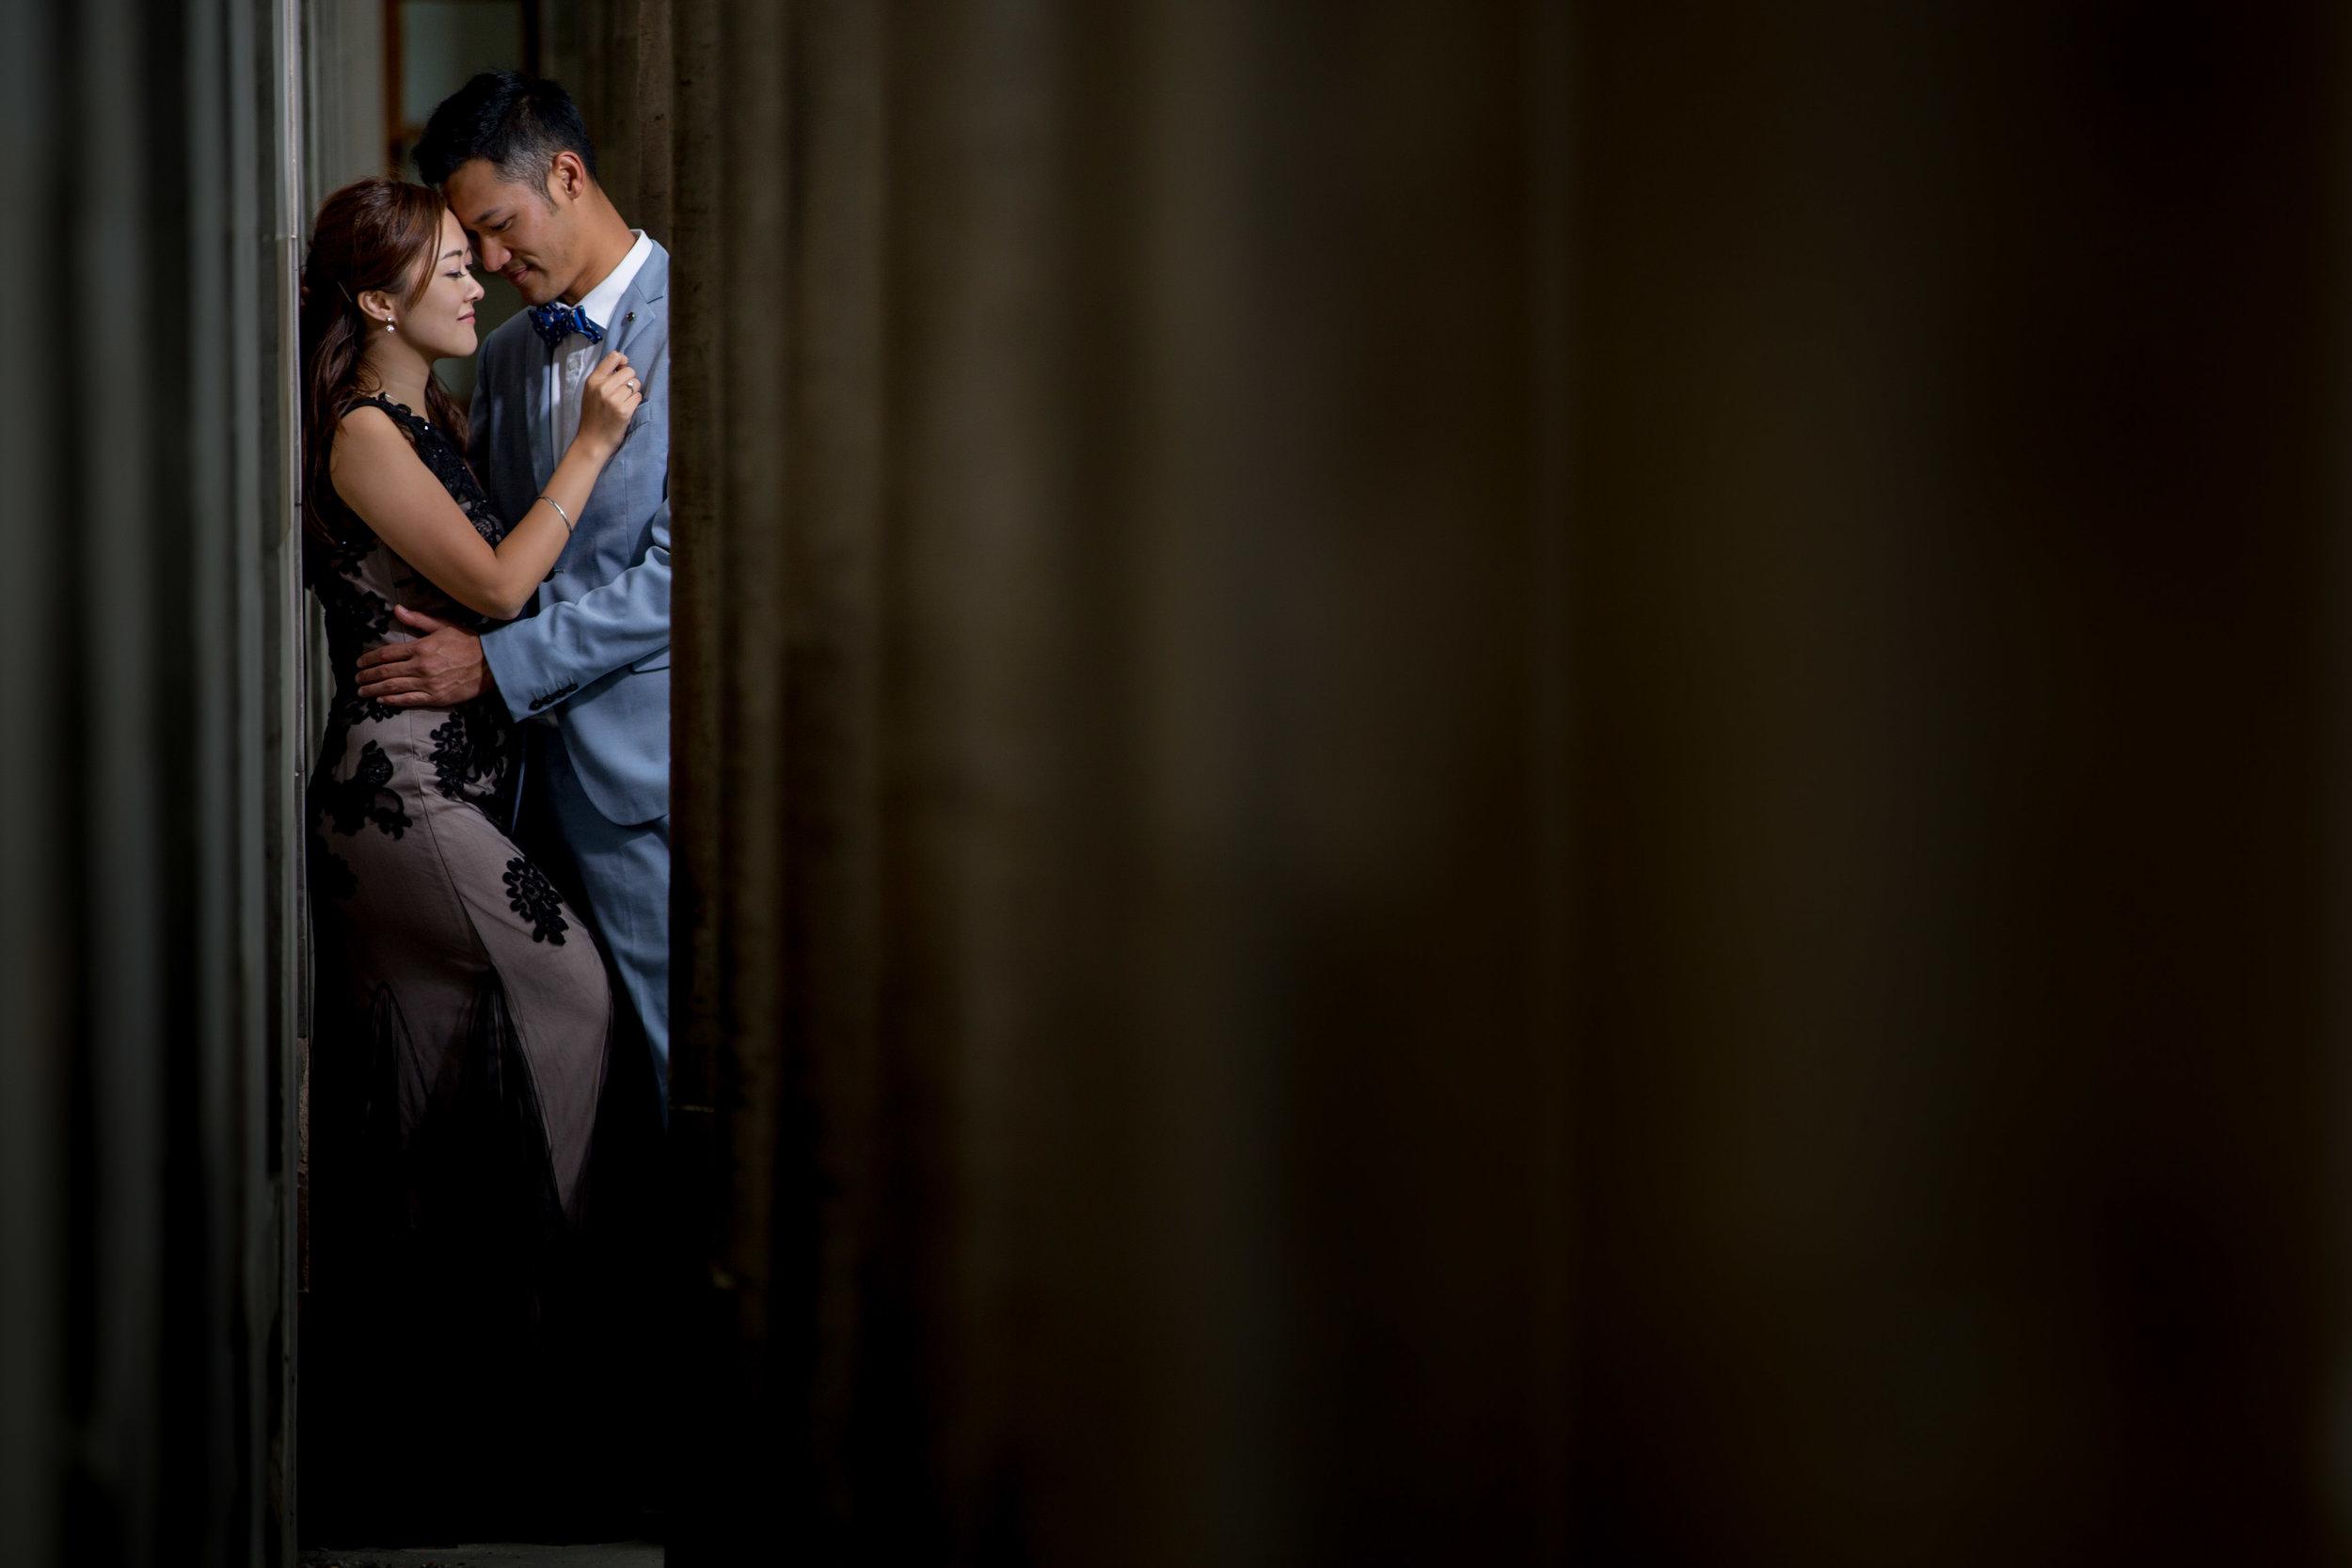 婚紗攝影倫敦英國-婚纱摄影伦敦英国-Chinese- pre-wedding-engagement-shoot-photoshoot-London-edinburgh-destination-wedding-photographer-hong-kong-natalia-smith-photography-29.jpg